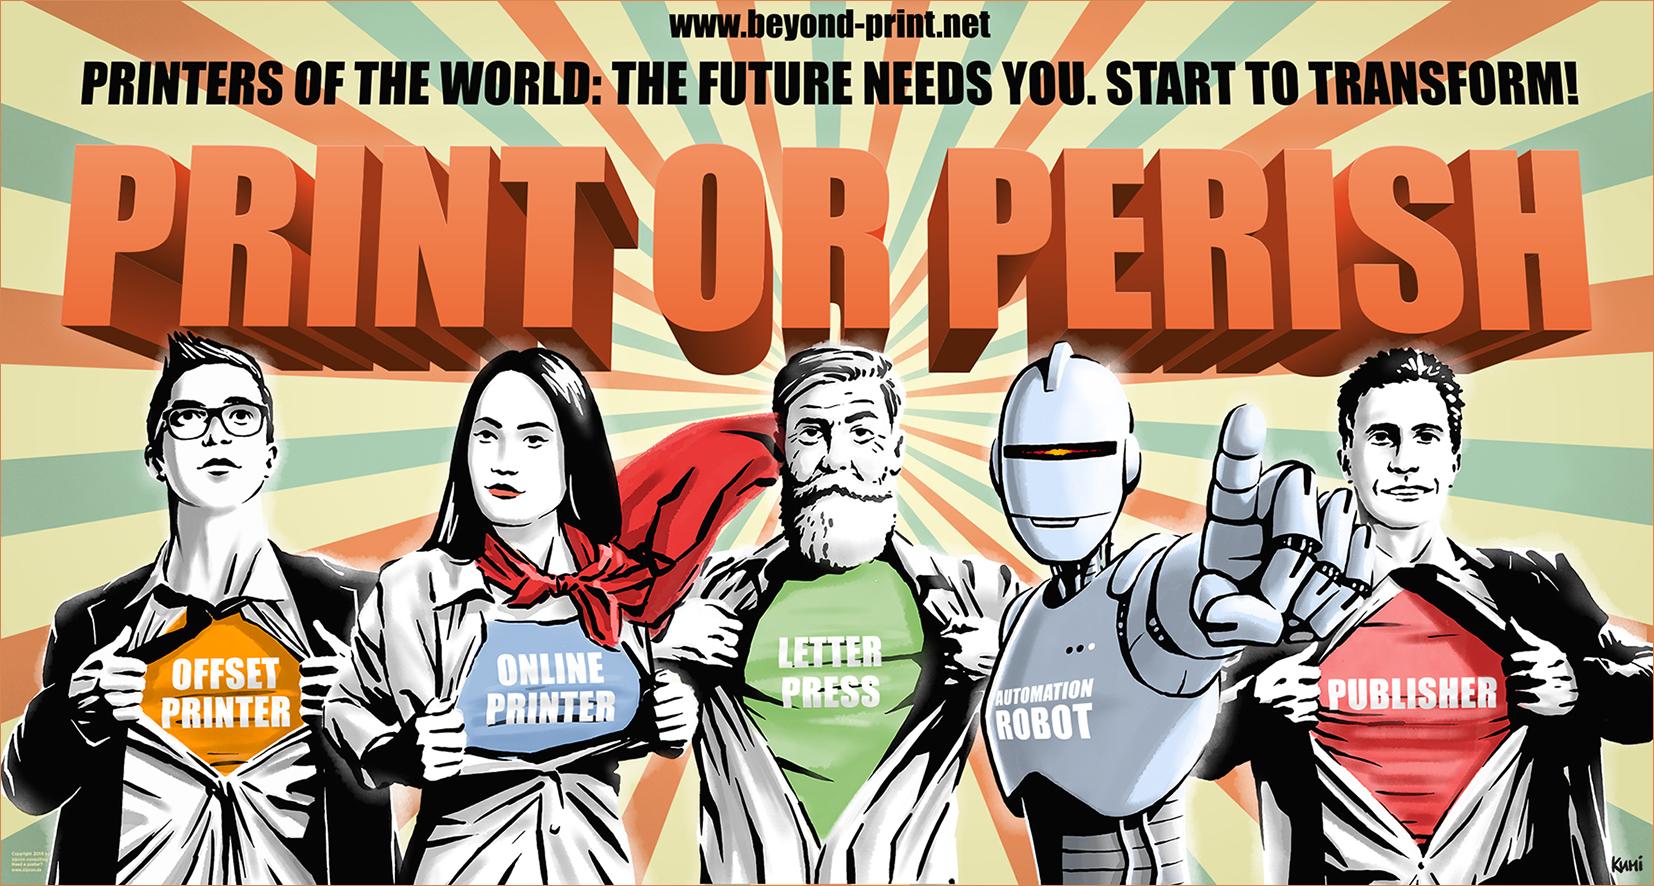 """Zukunft: """"PRINT OR PERISH"""" – Zeit zur Transformation!"""